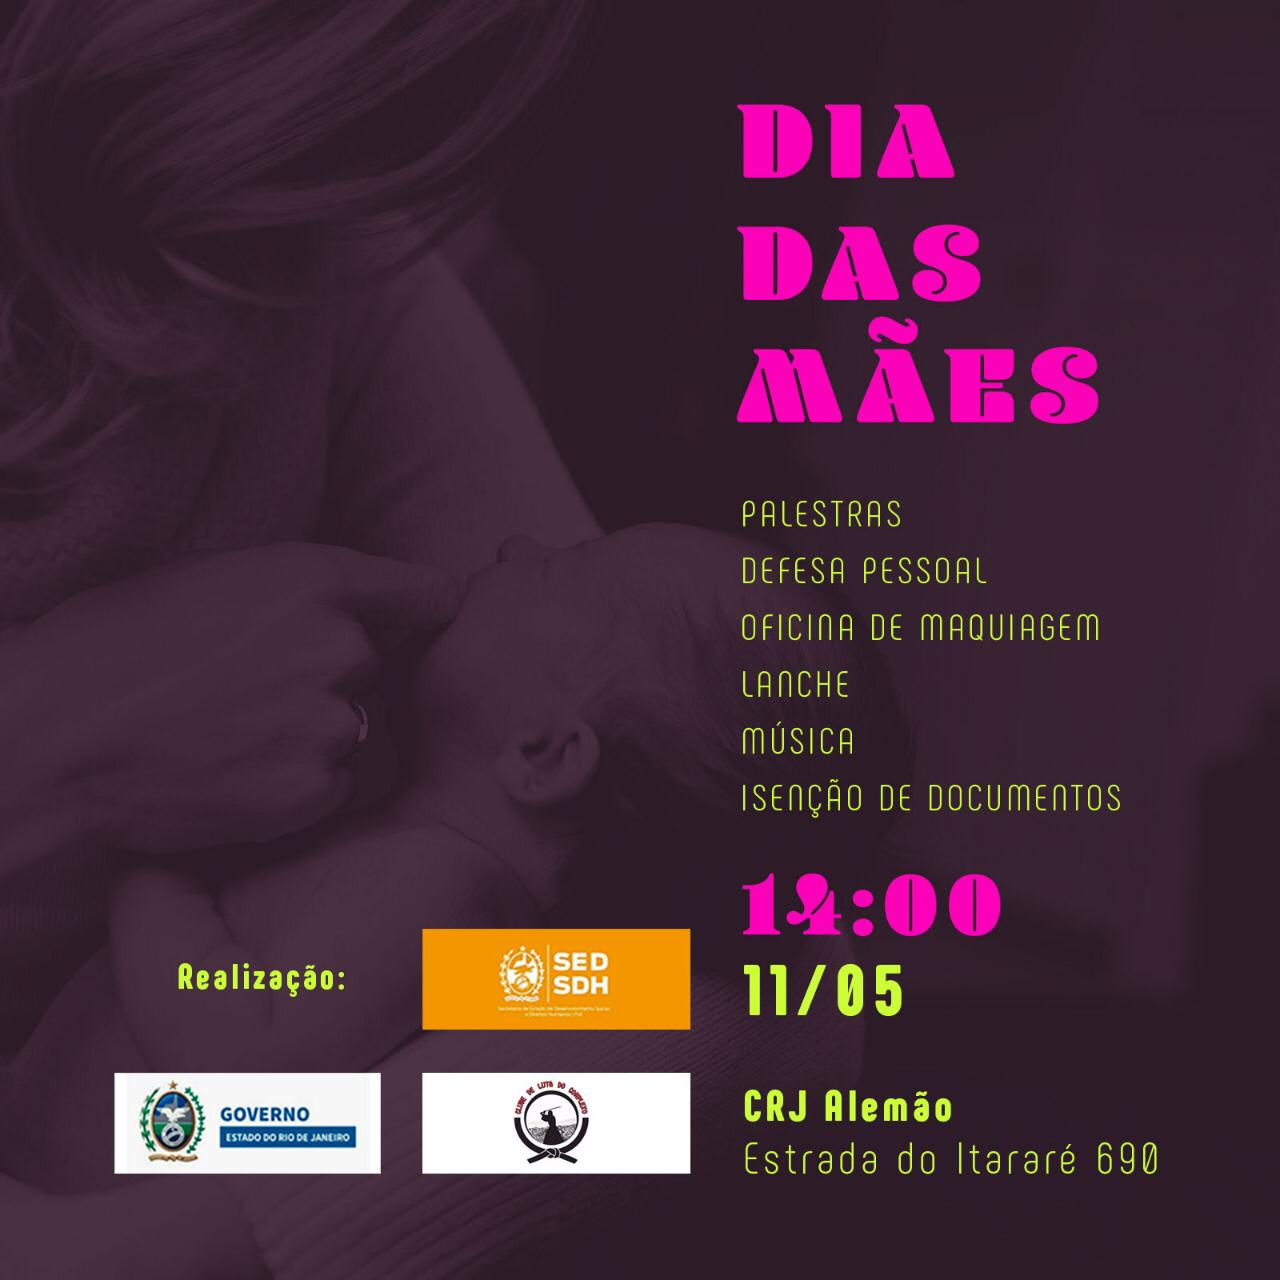 Com palestras e oficinas, CRJ promove ação de Dia das Mães no Alemão